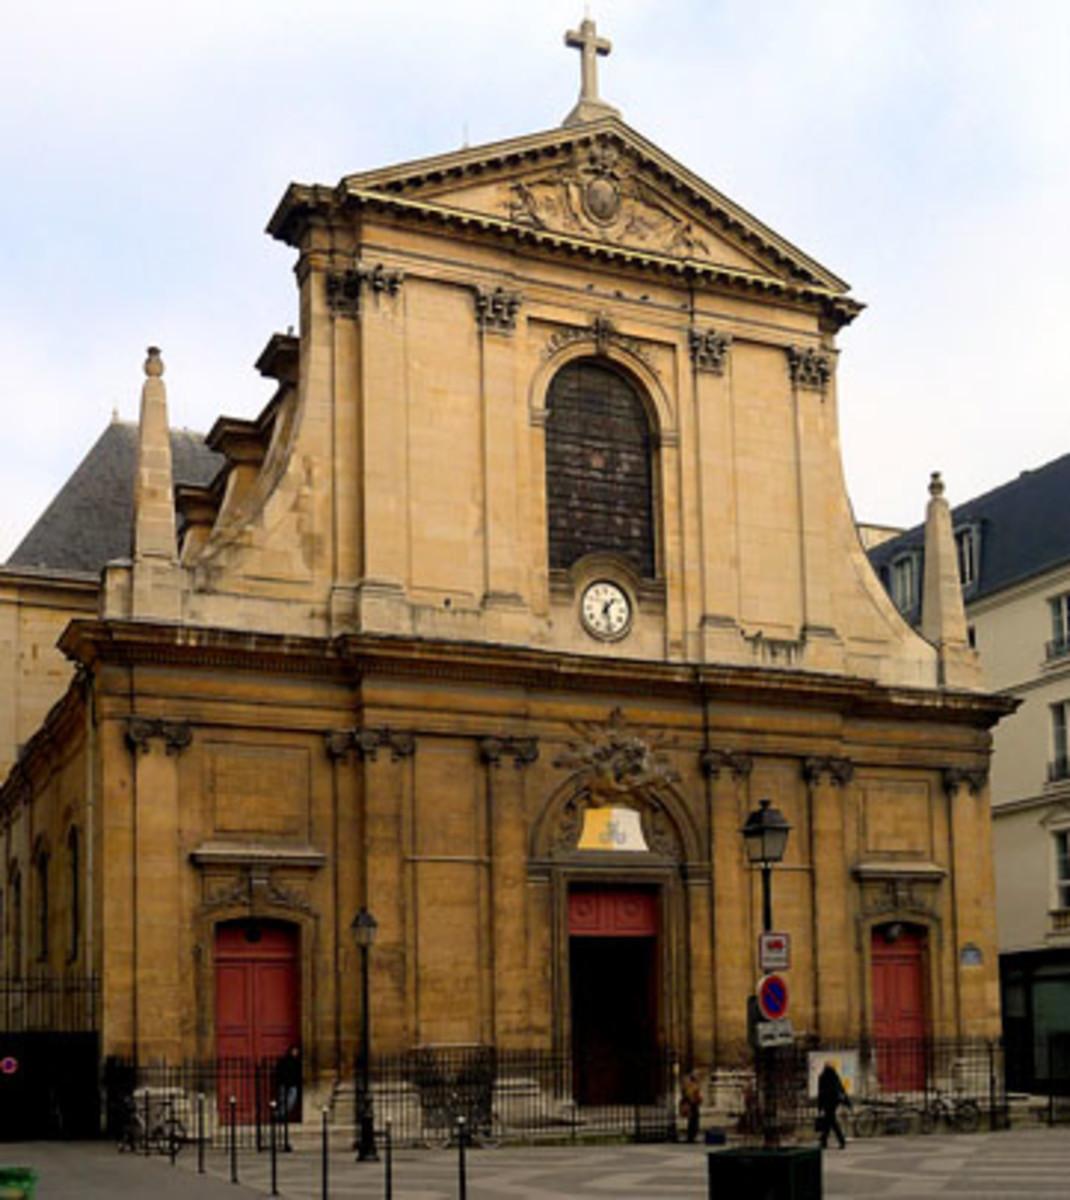 Notre Dame des Victoires in Paris